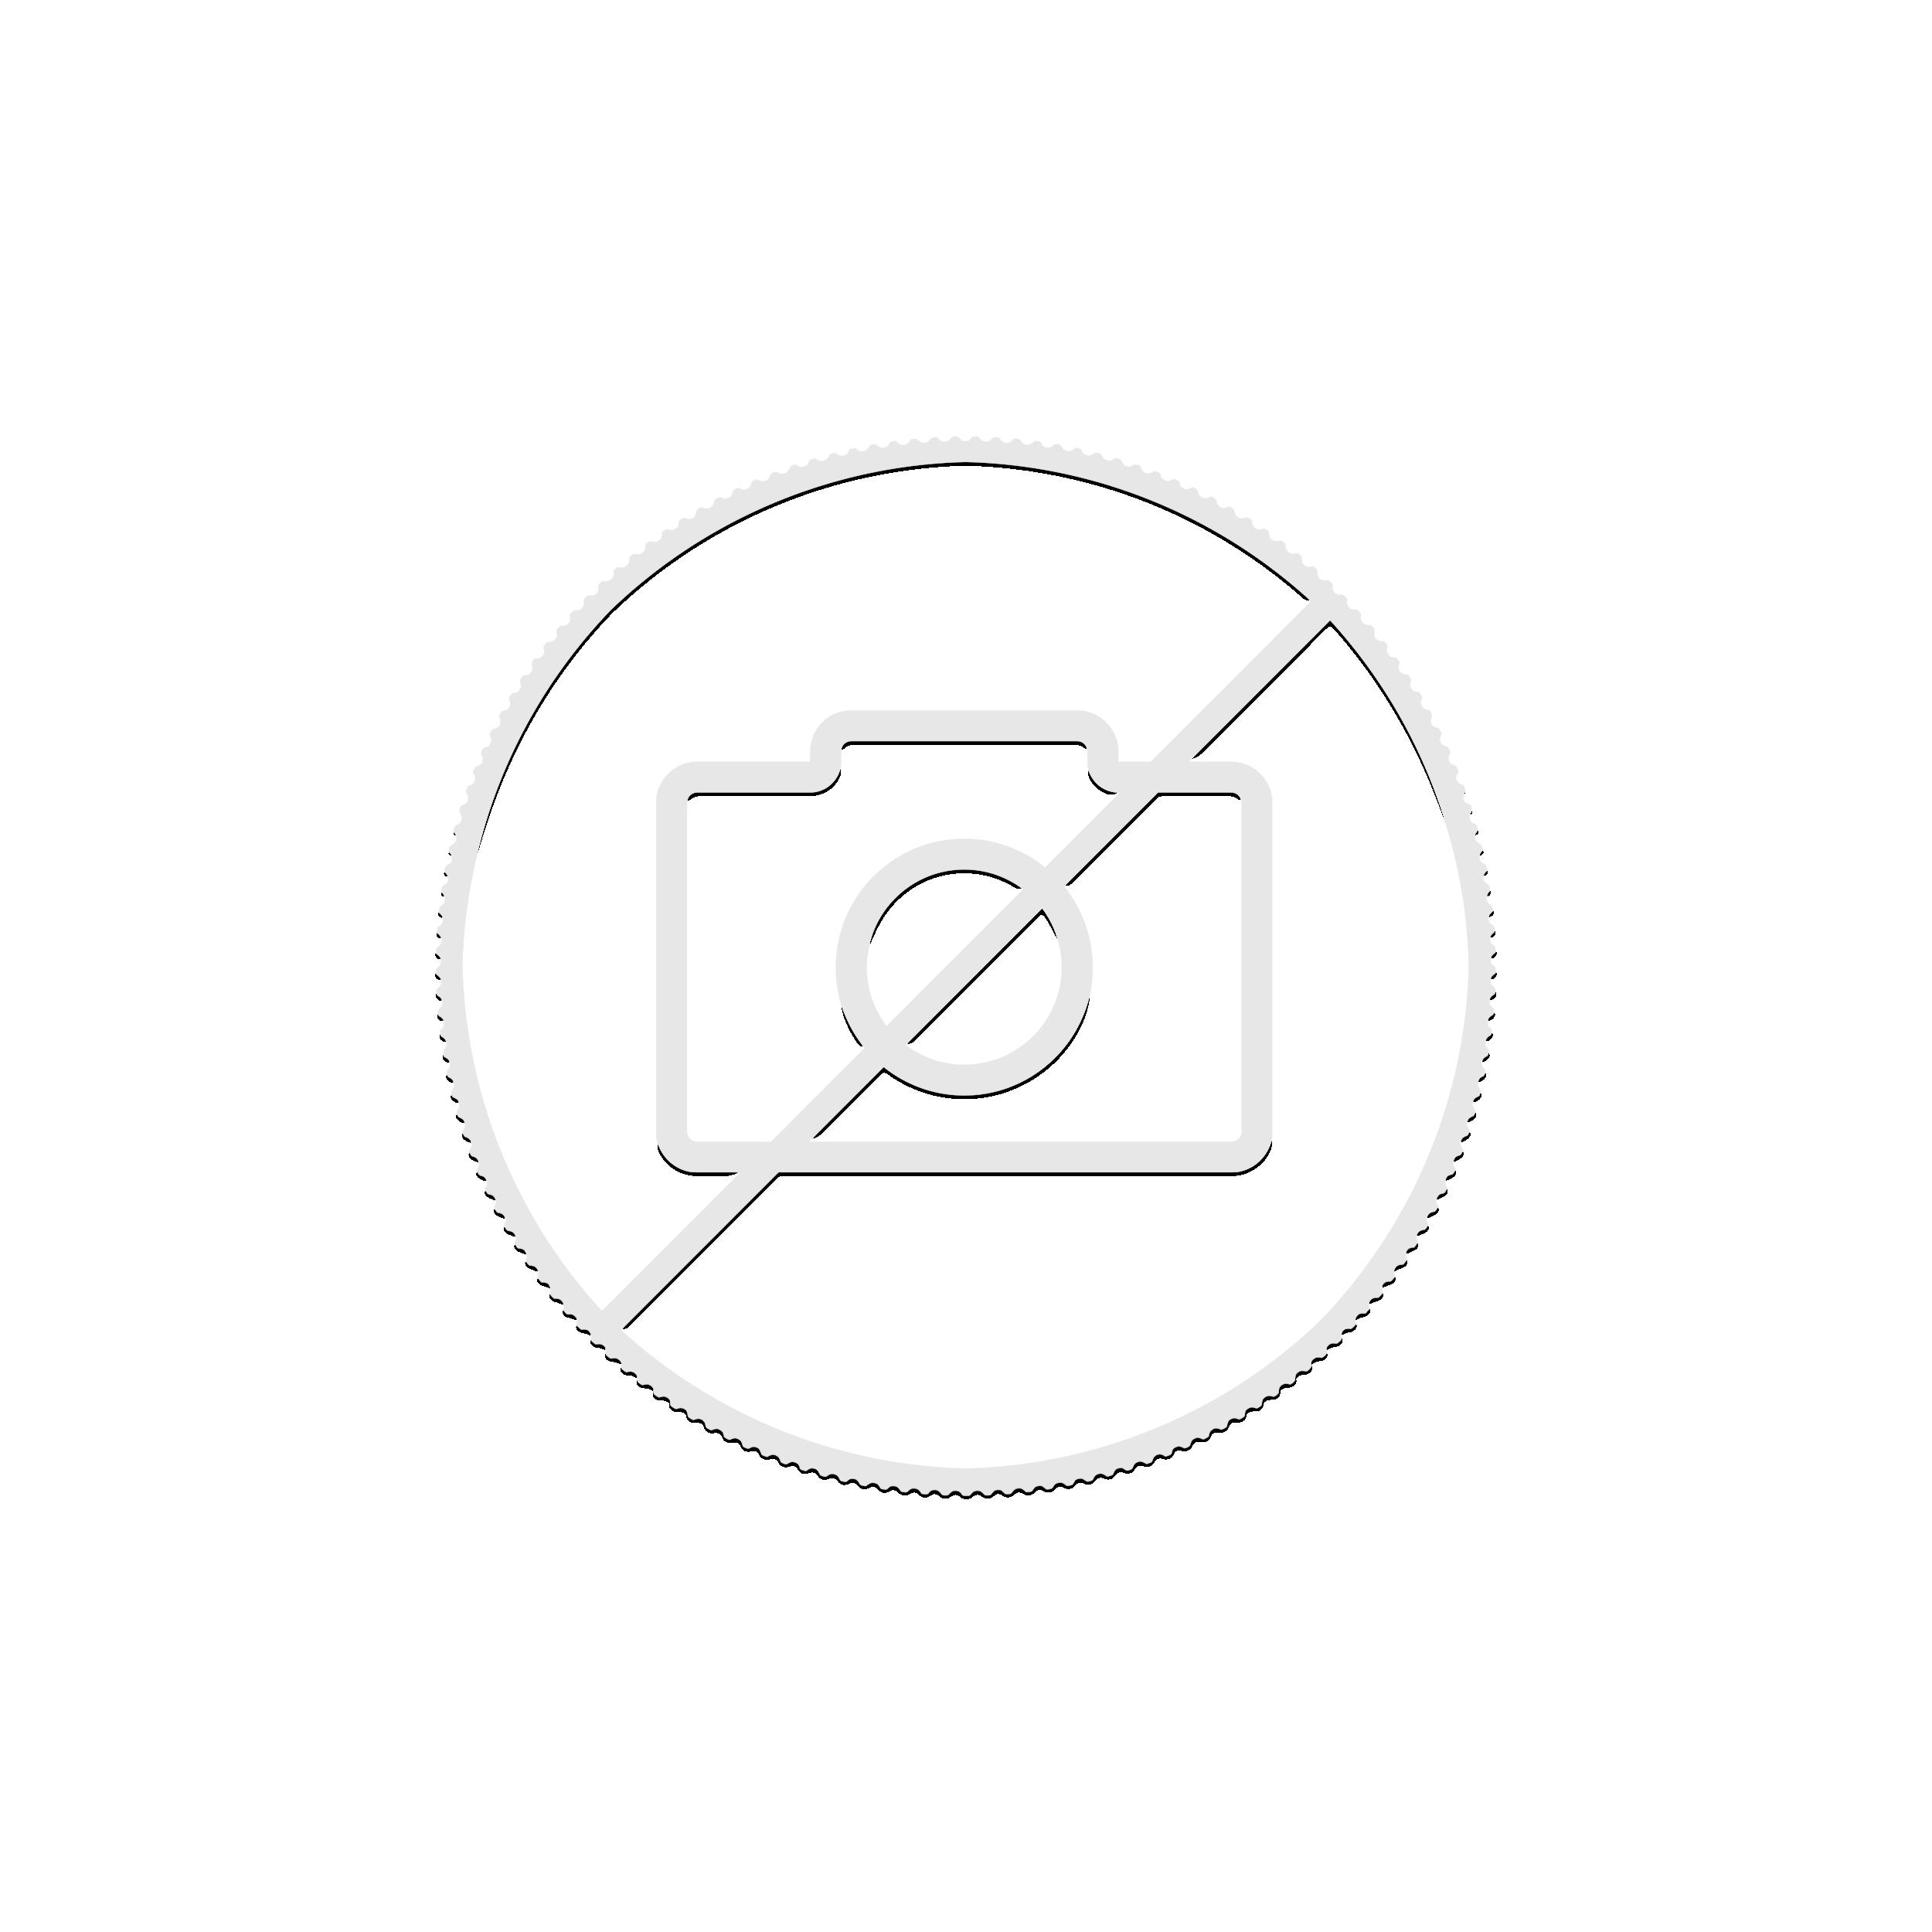 5 Kilo zilverbaar diverse producenten